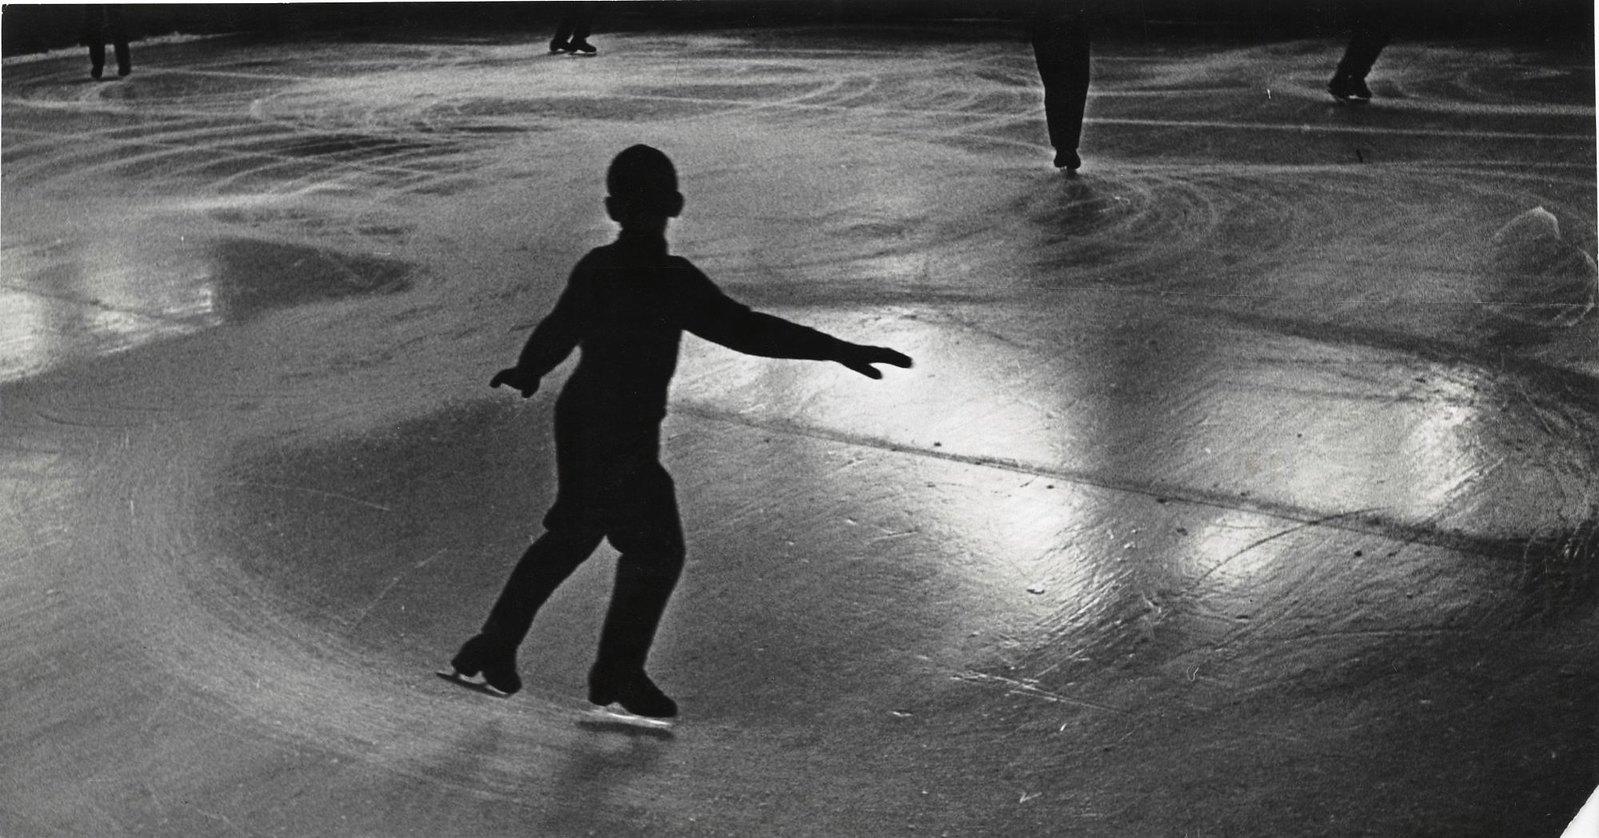 1949. Юные фигуристы. Фигурные упражнения быстро разрисовывают лед катка